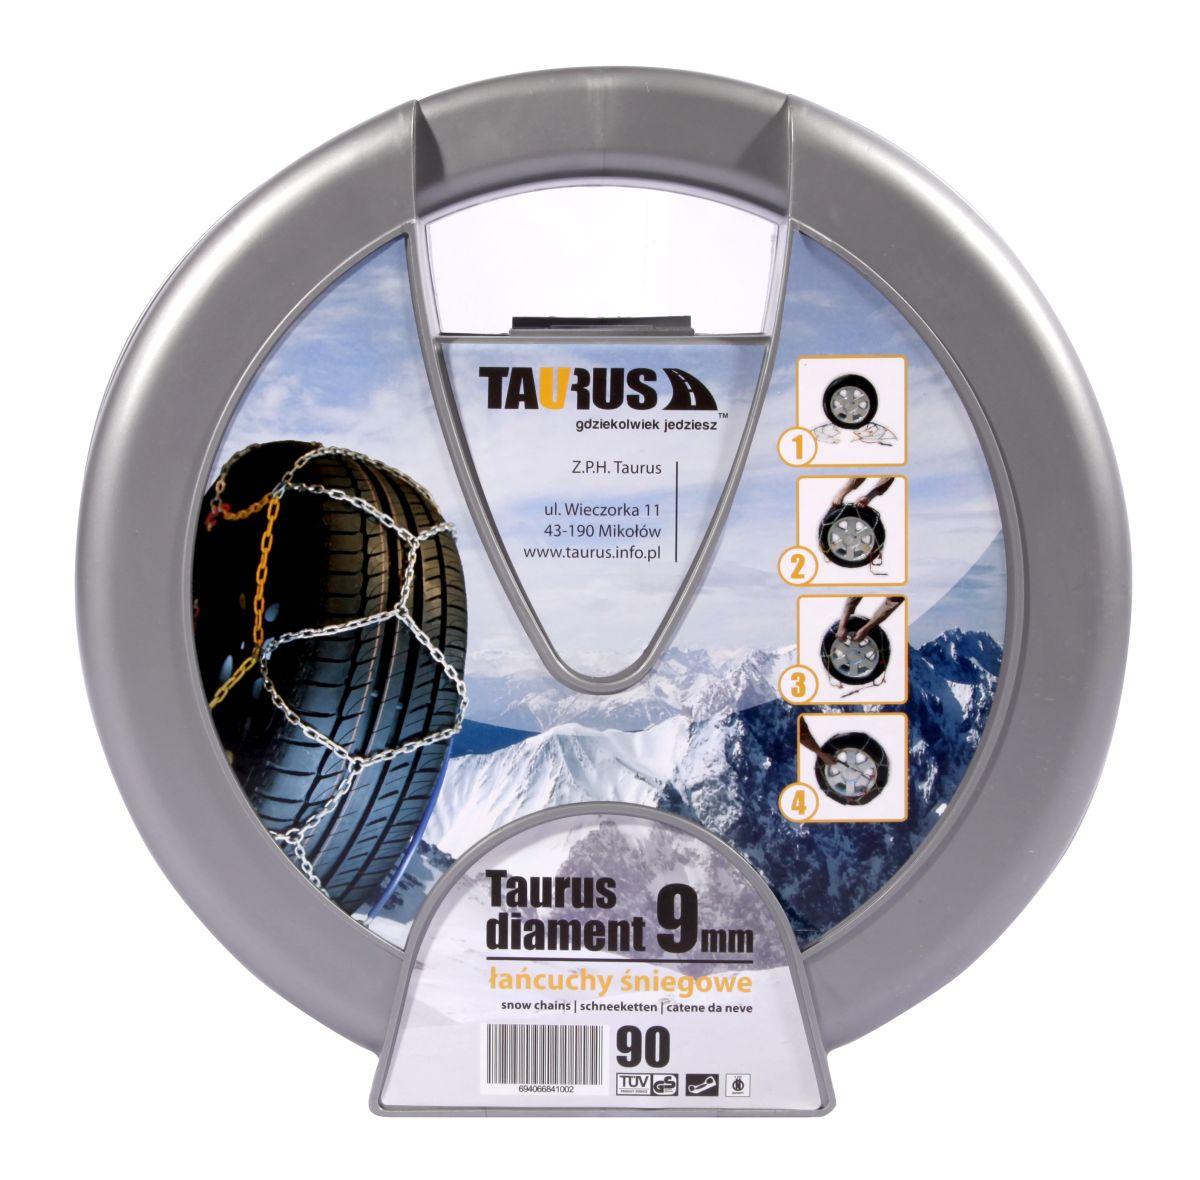 Цепь противоскольжения Taurus Diament (9 мм) 90 ( звено ДСЗ 3,55мм ) с защитой литых дисков ( Таурус Диамант ) ( TDIA990 )